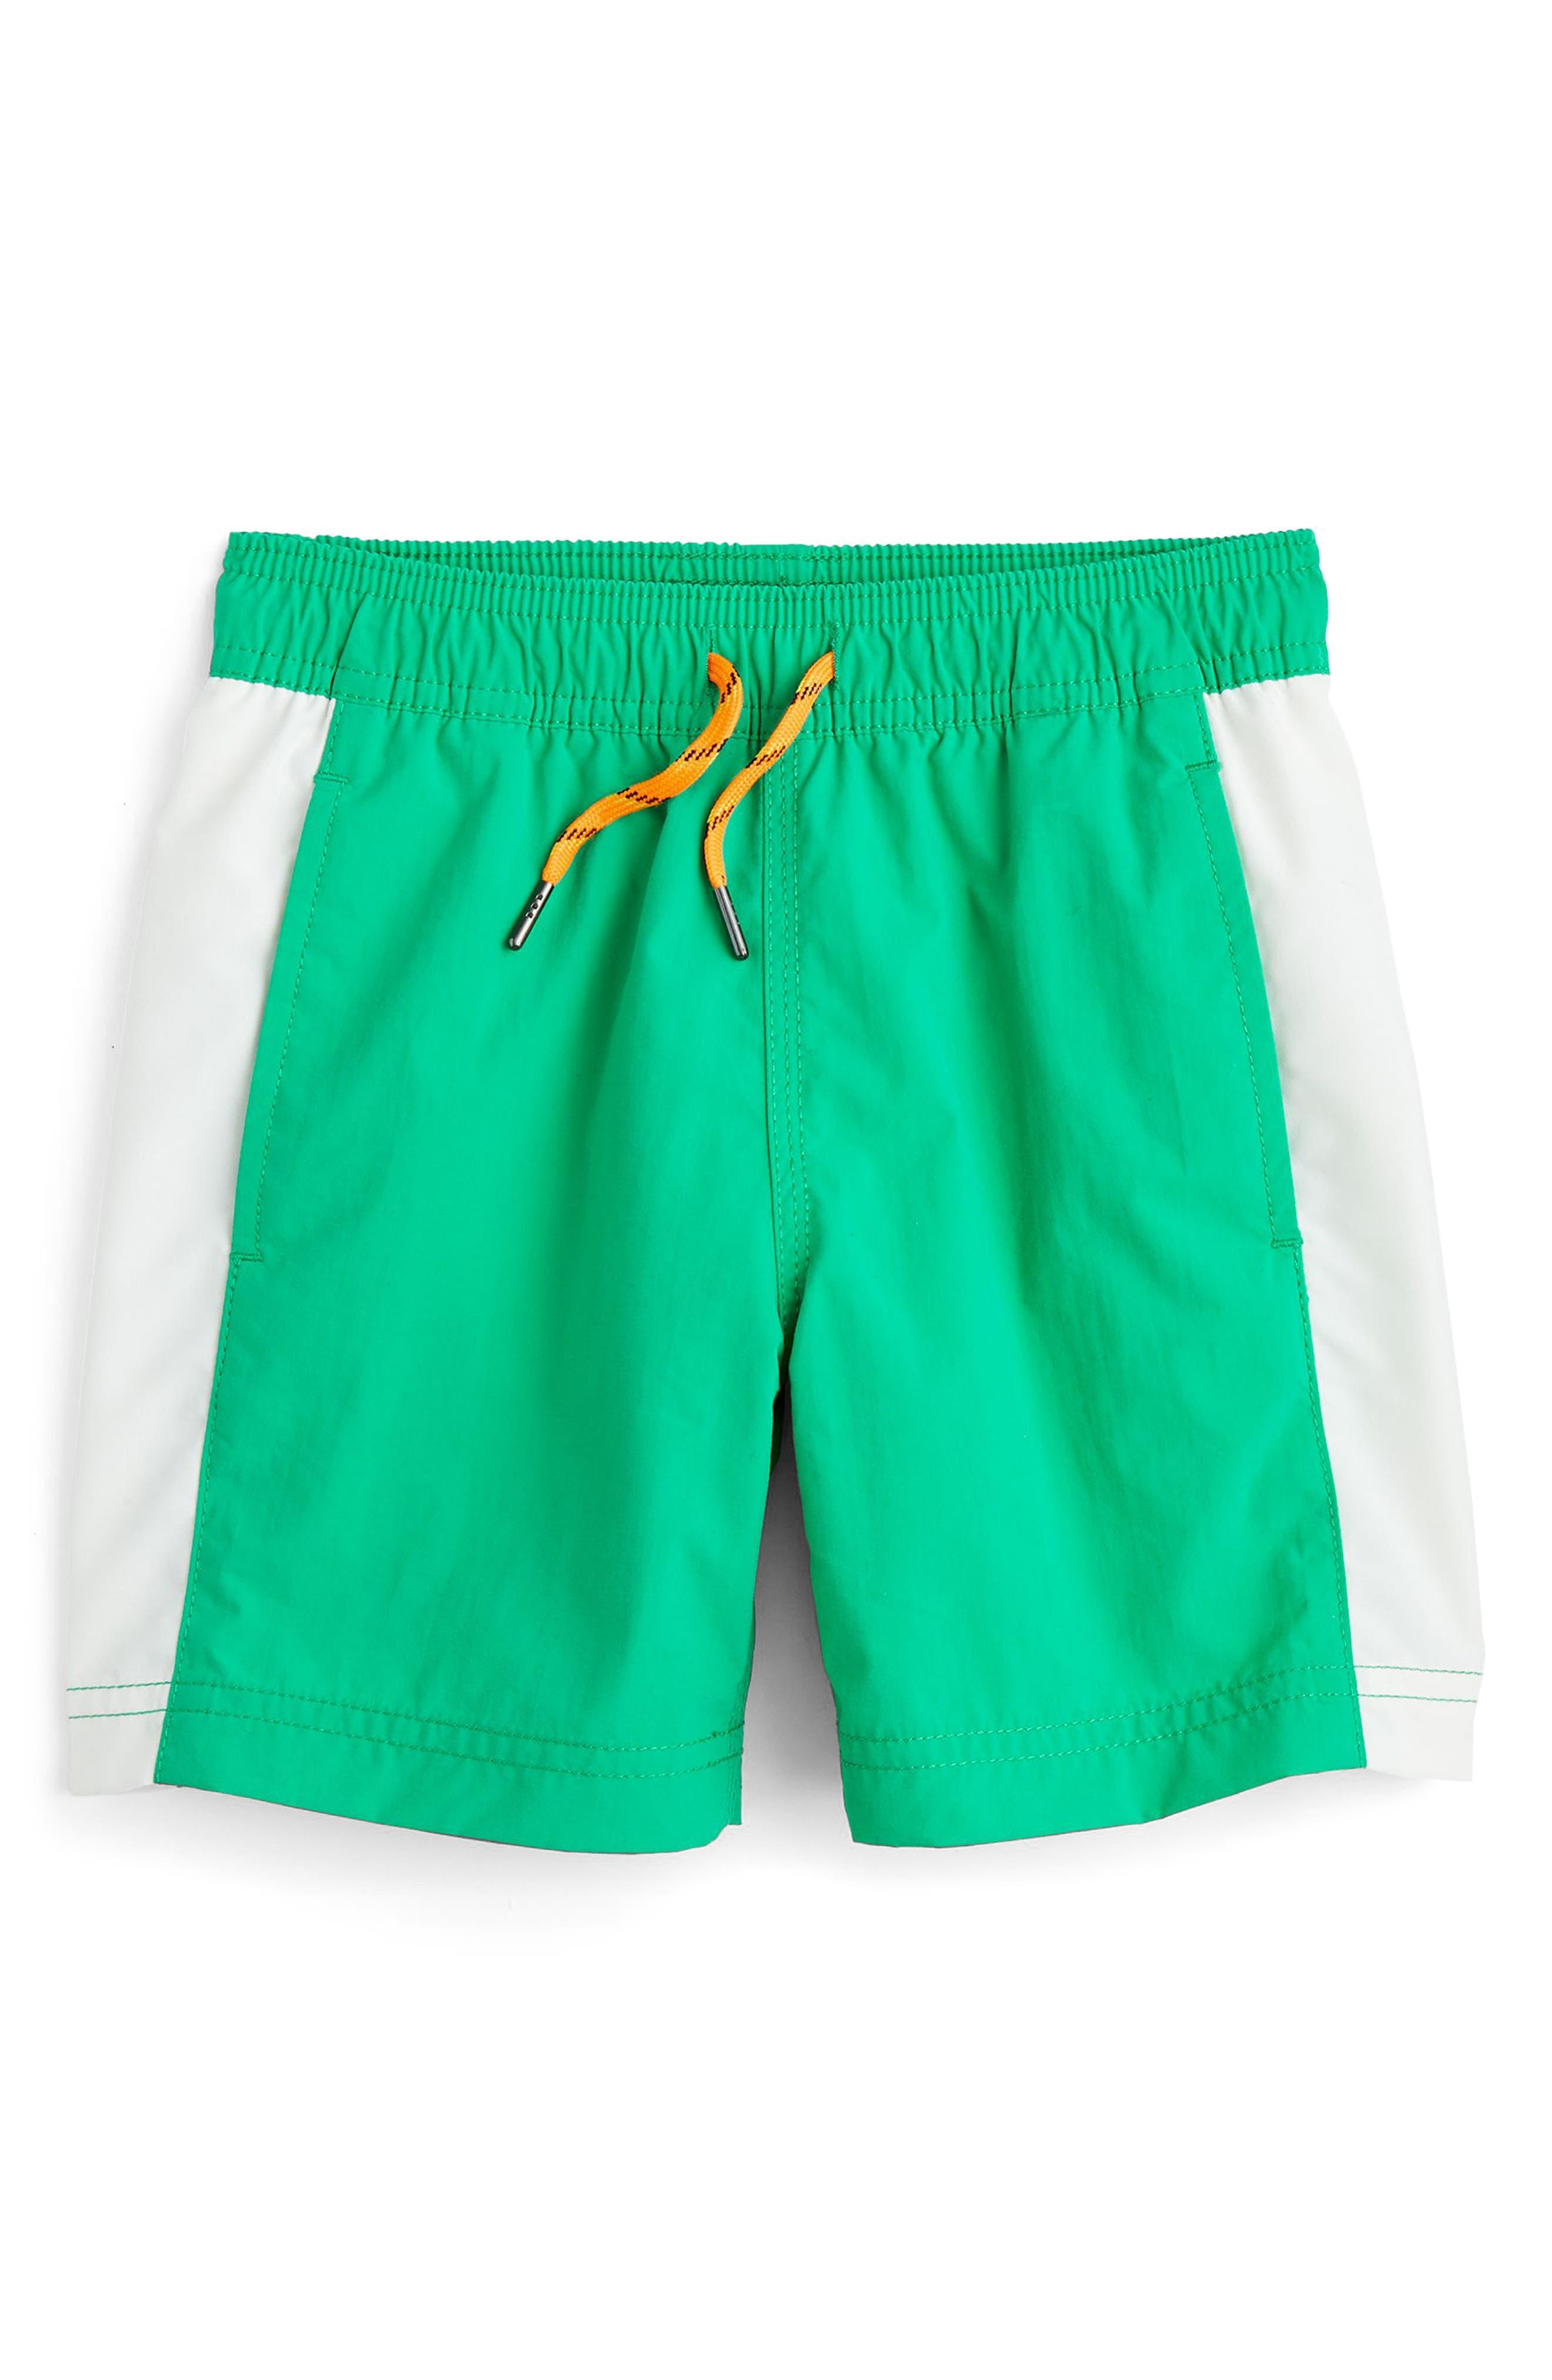 Colorblock Swim Trunks,                         Main,                         color, 300